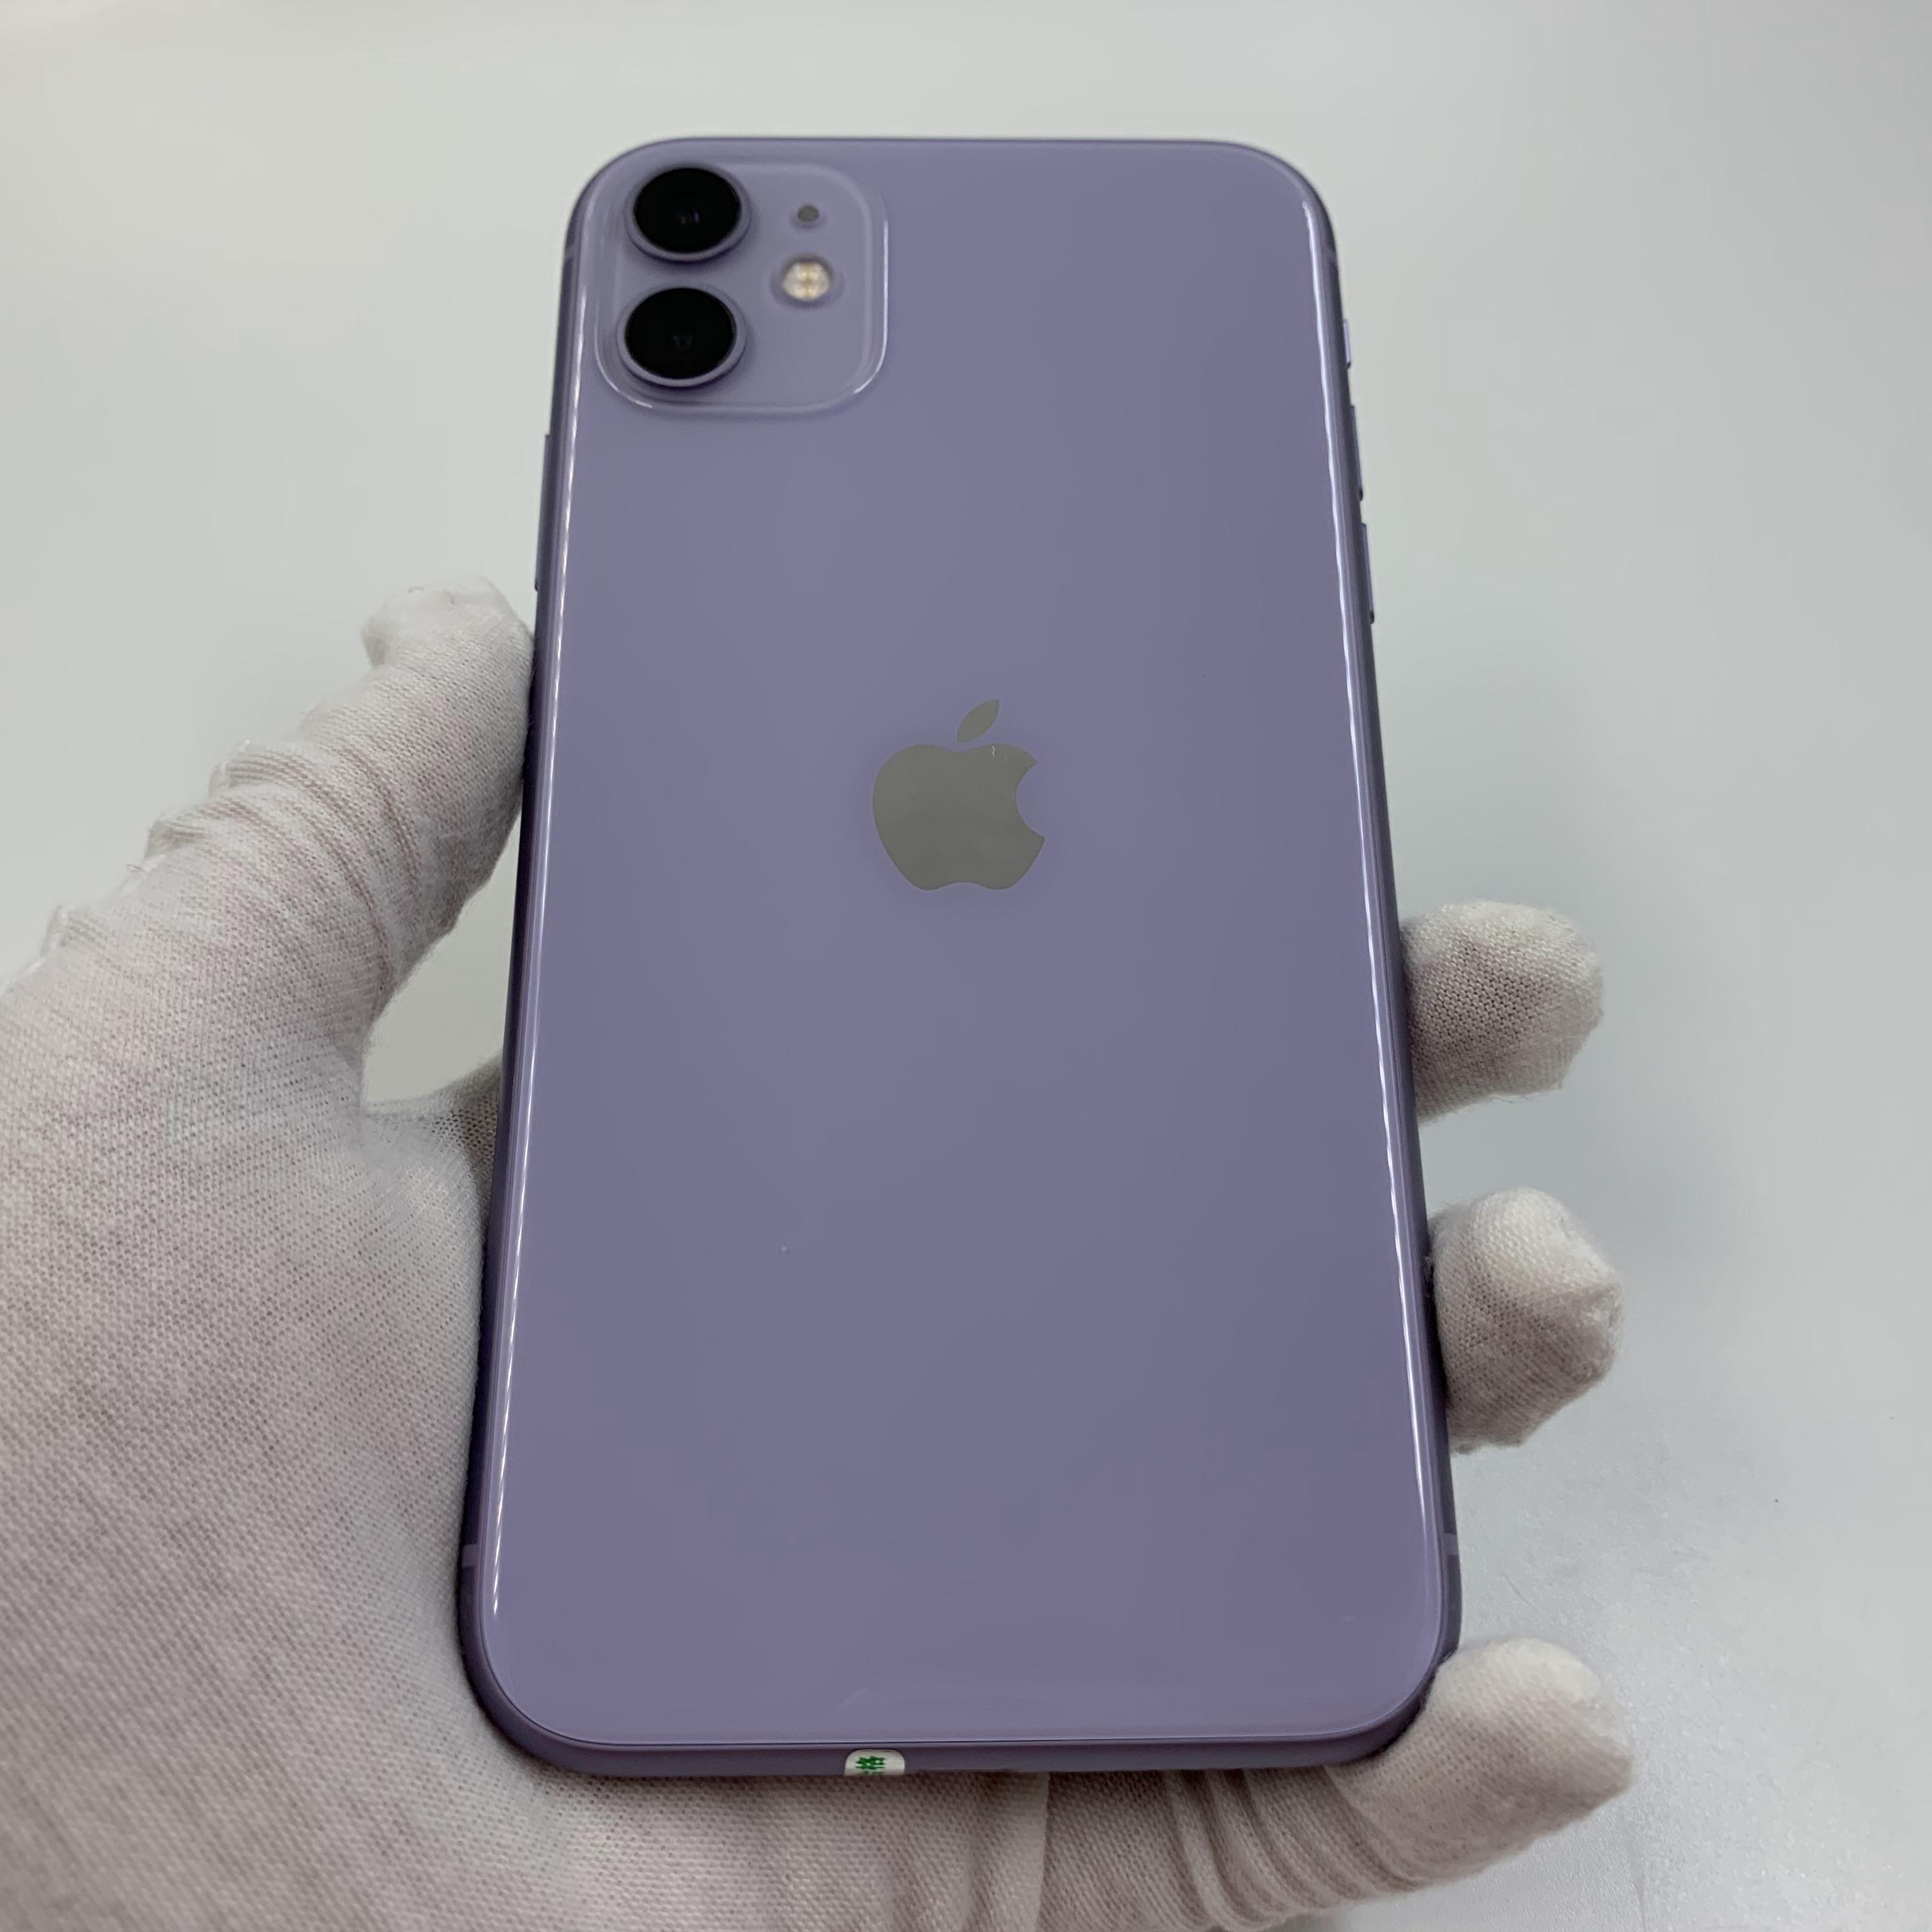 苹果【iPhone 11】4G全网通 紫色 128G 国行 95新 真机实拍